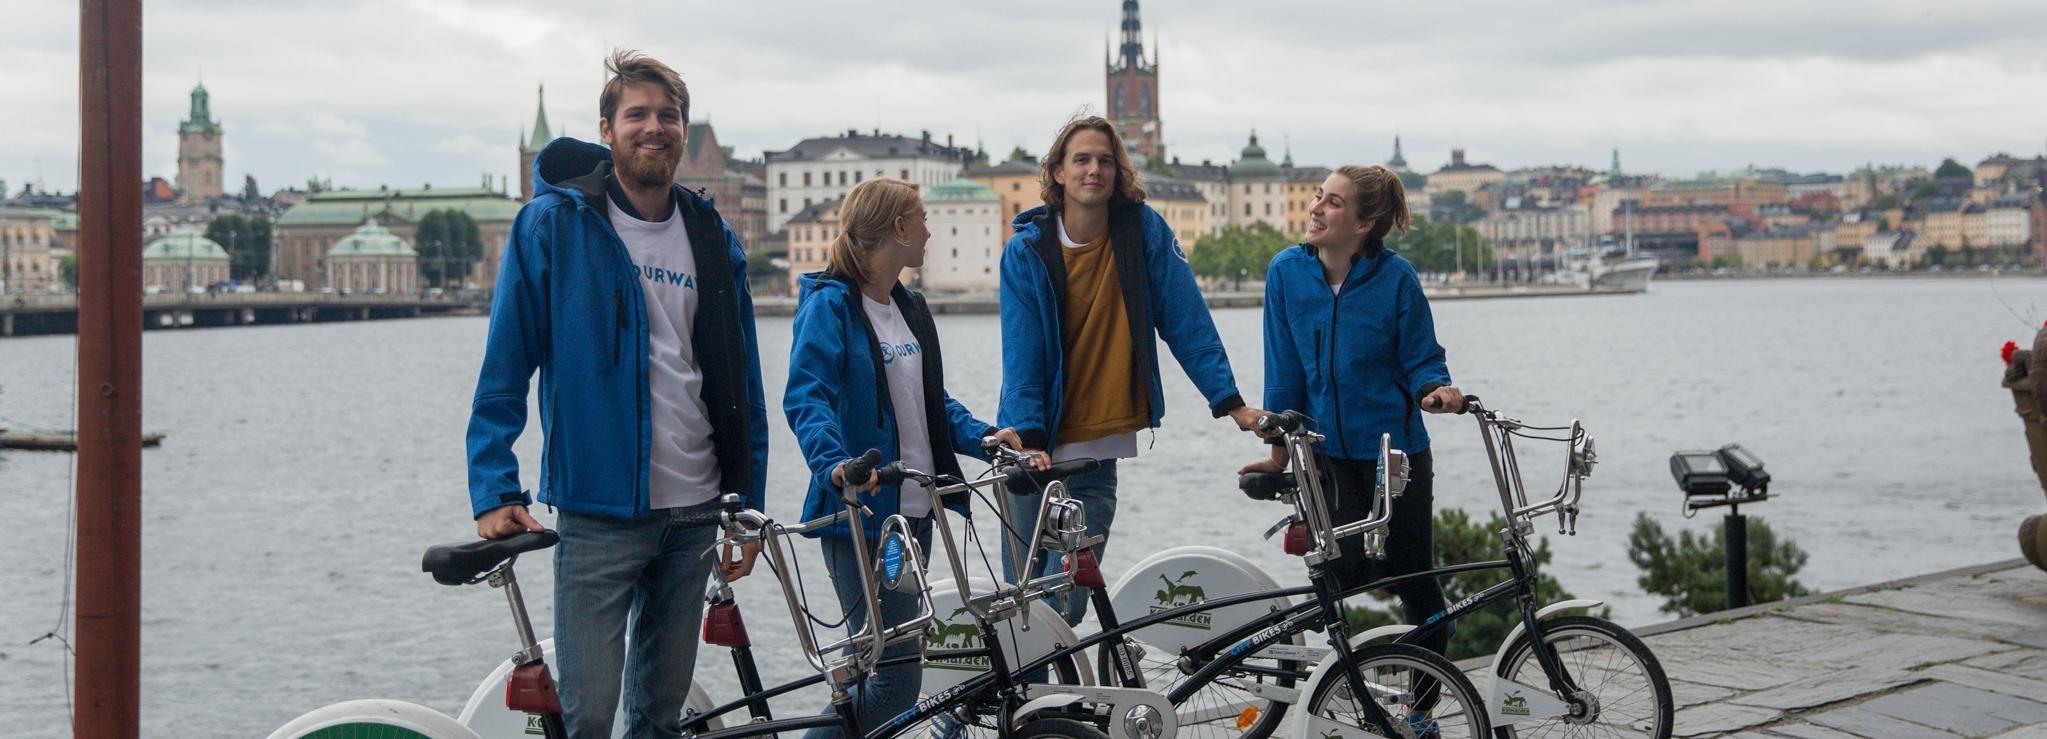 Tour guidato in bici privata di 3 ore a Stoccolma